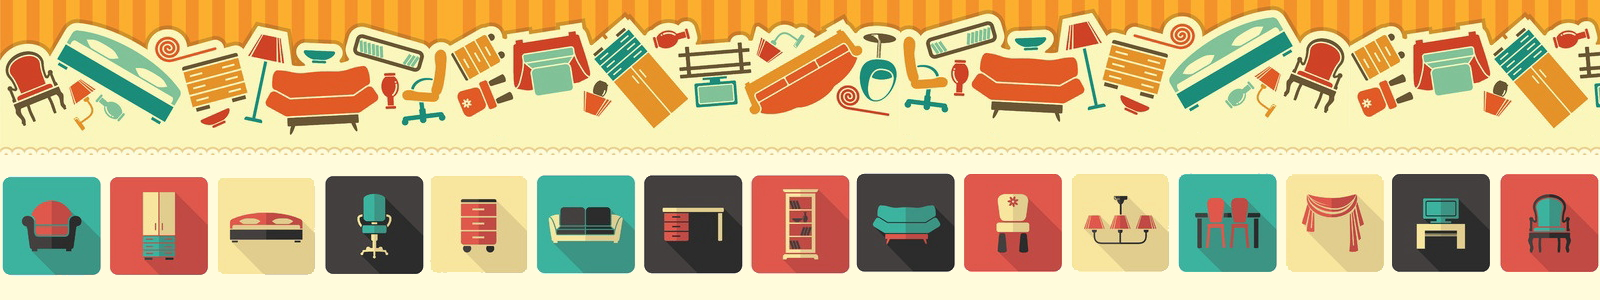 引っ越し家財道具のアイキャッチ画像